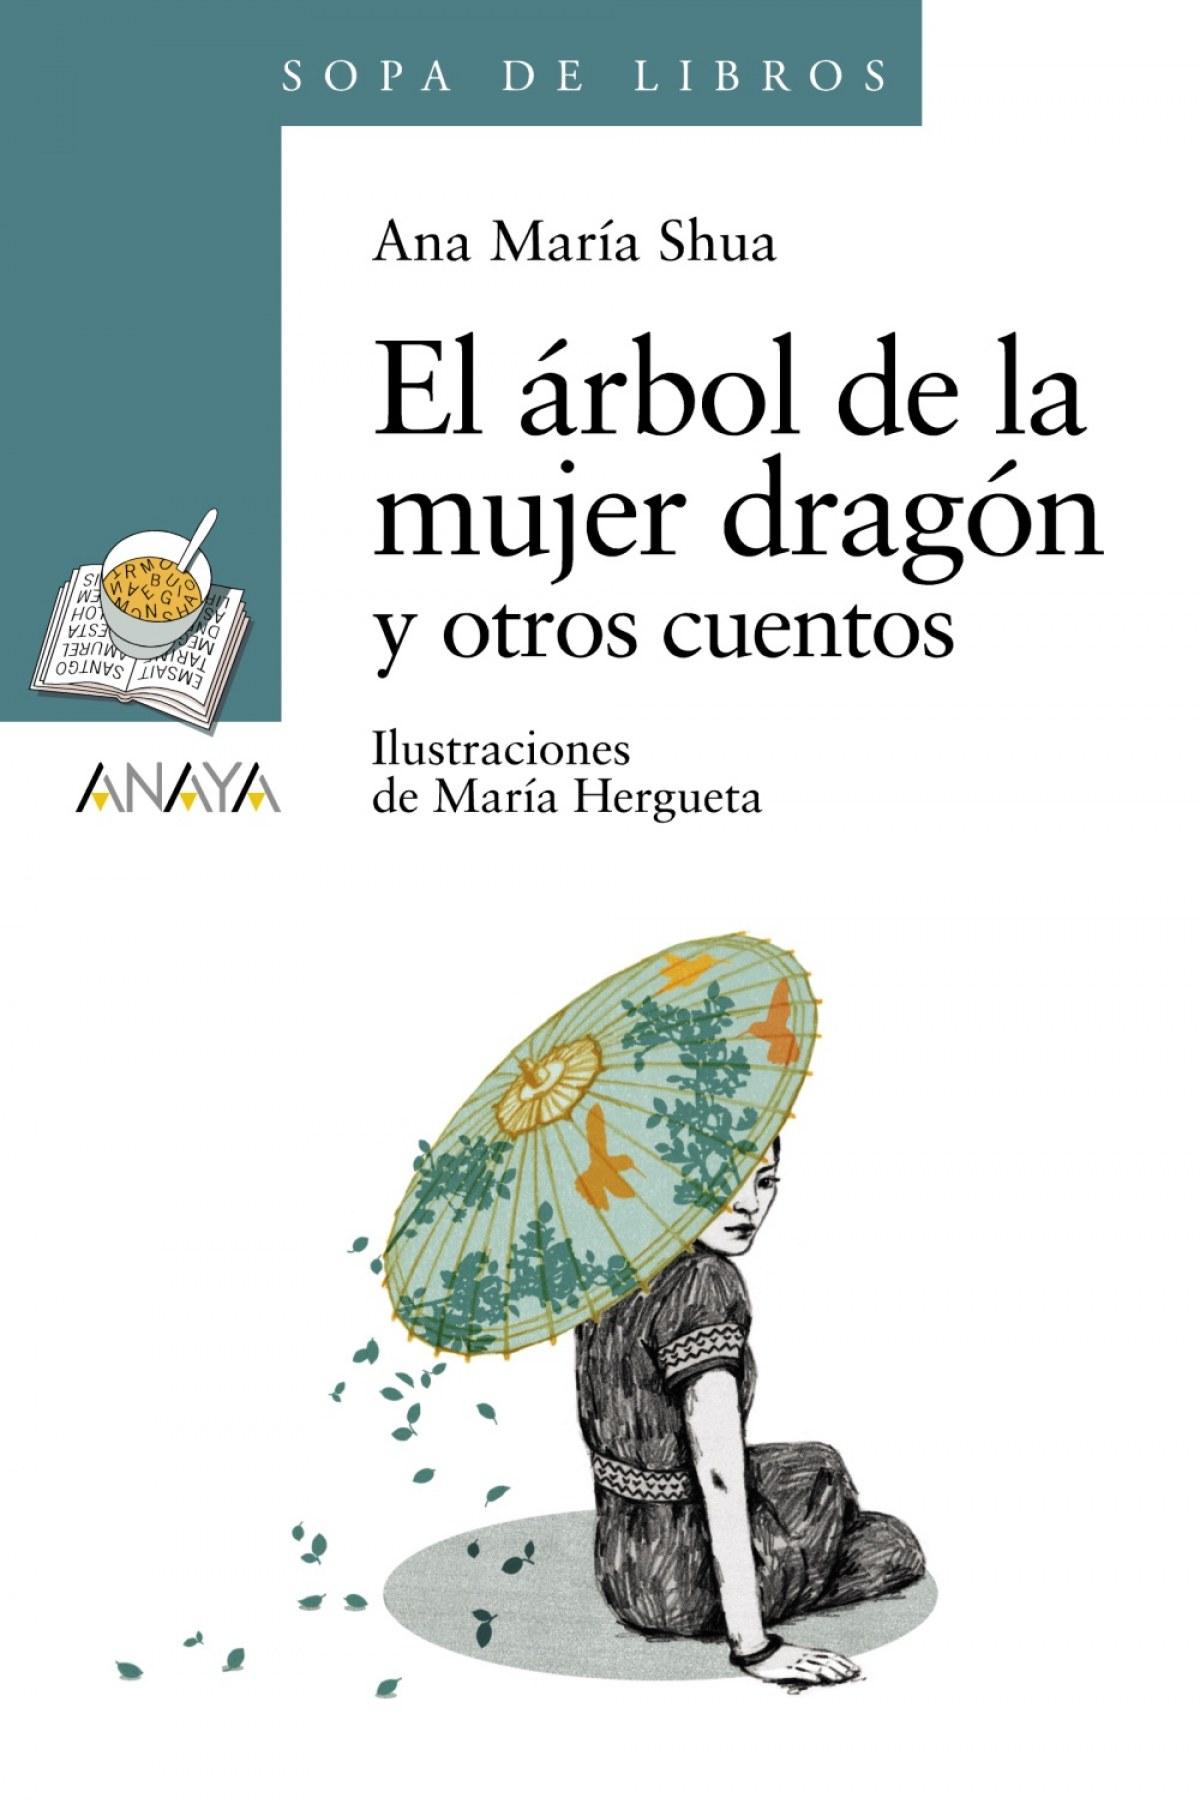 EL áRBOL DE LA MUJER DRAGóN Y OTROS CUENTOS